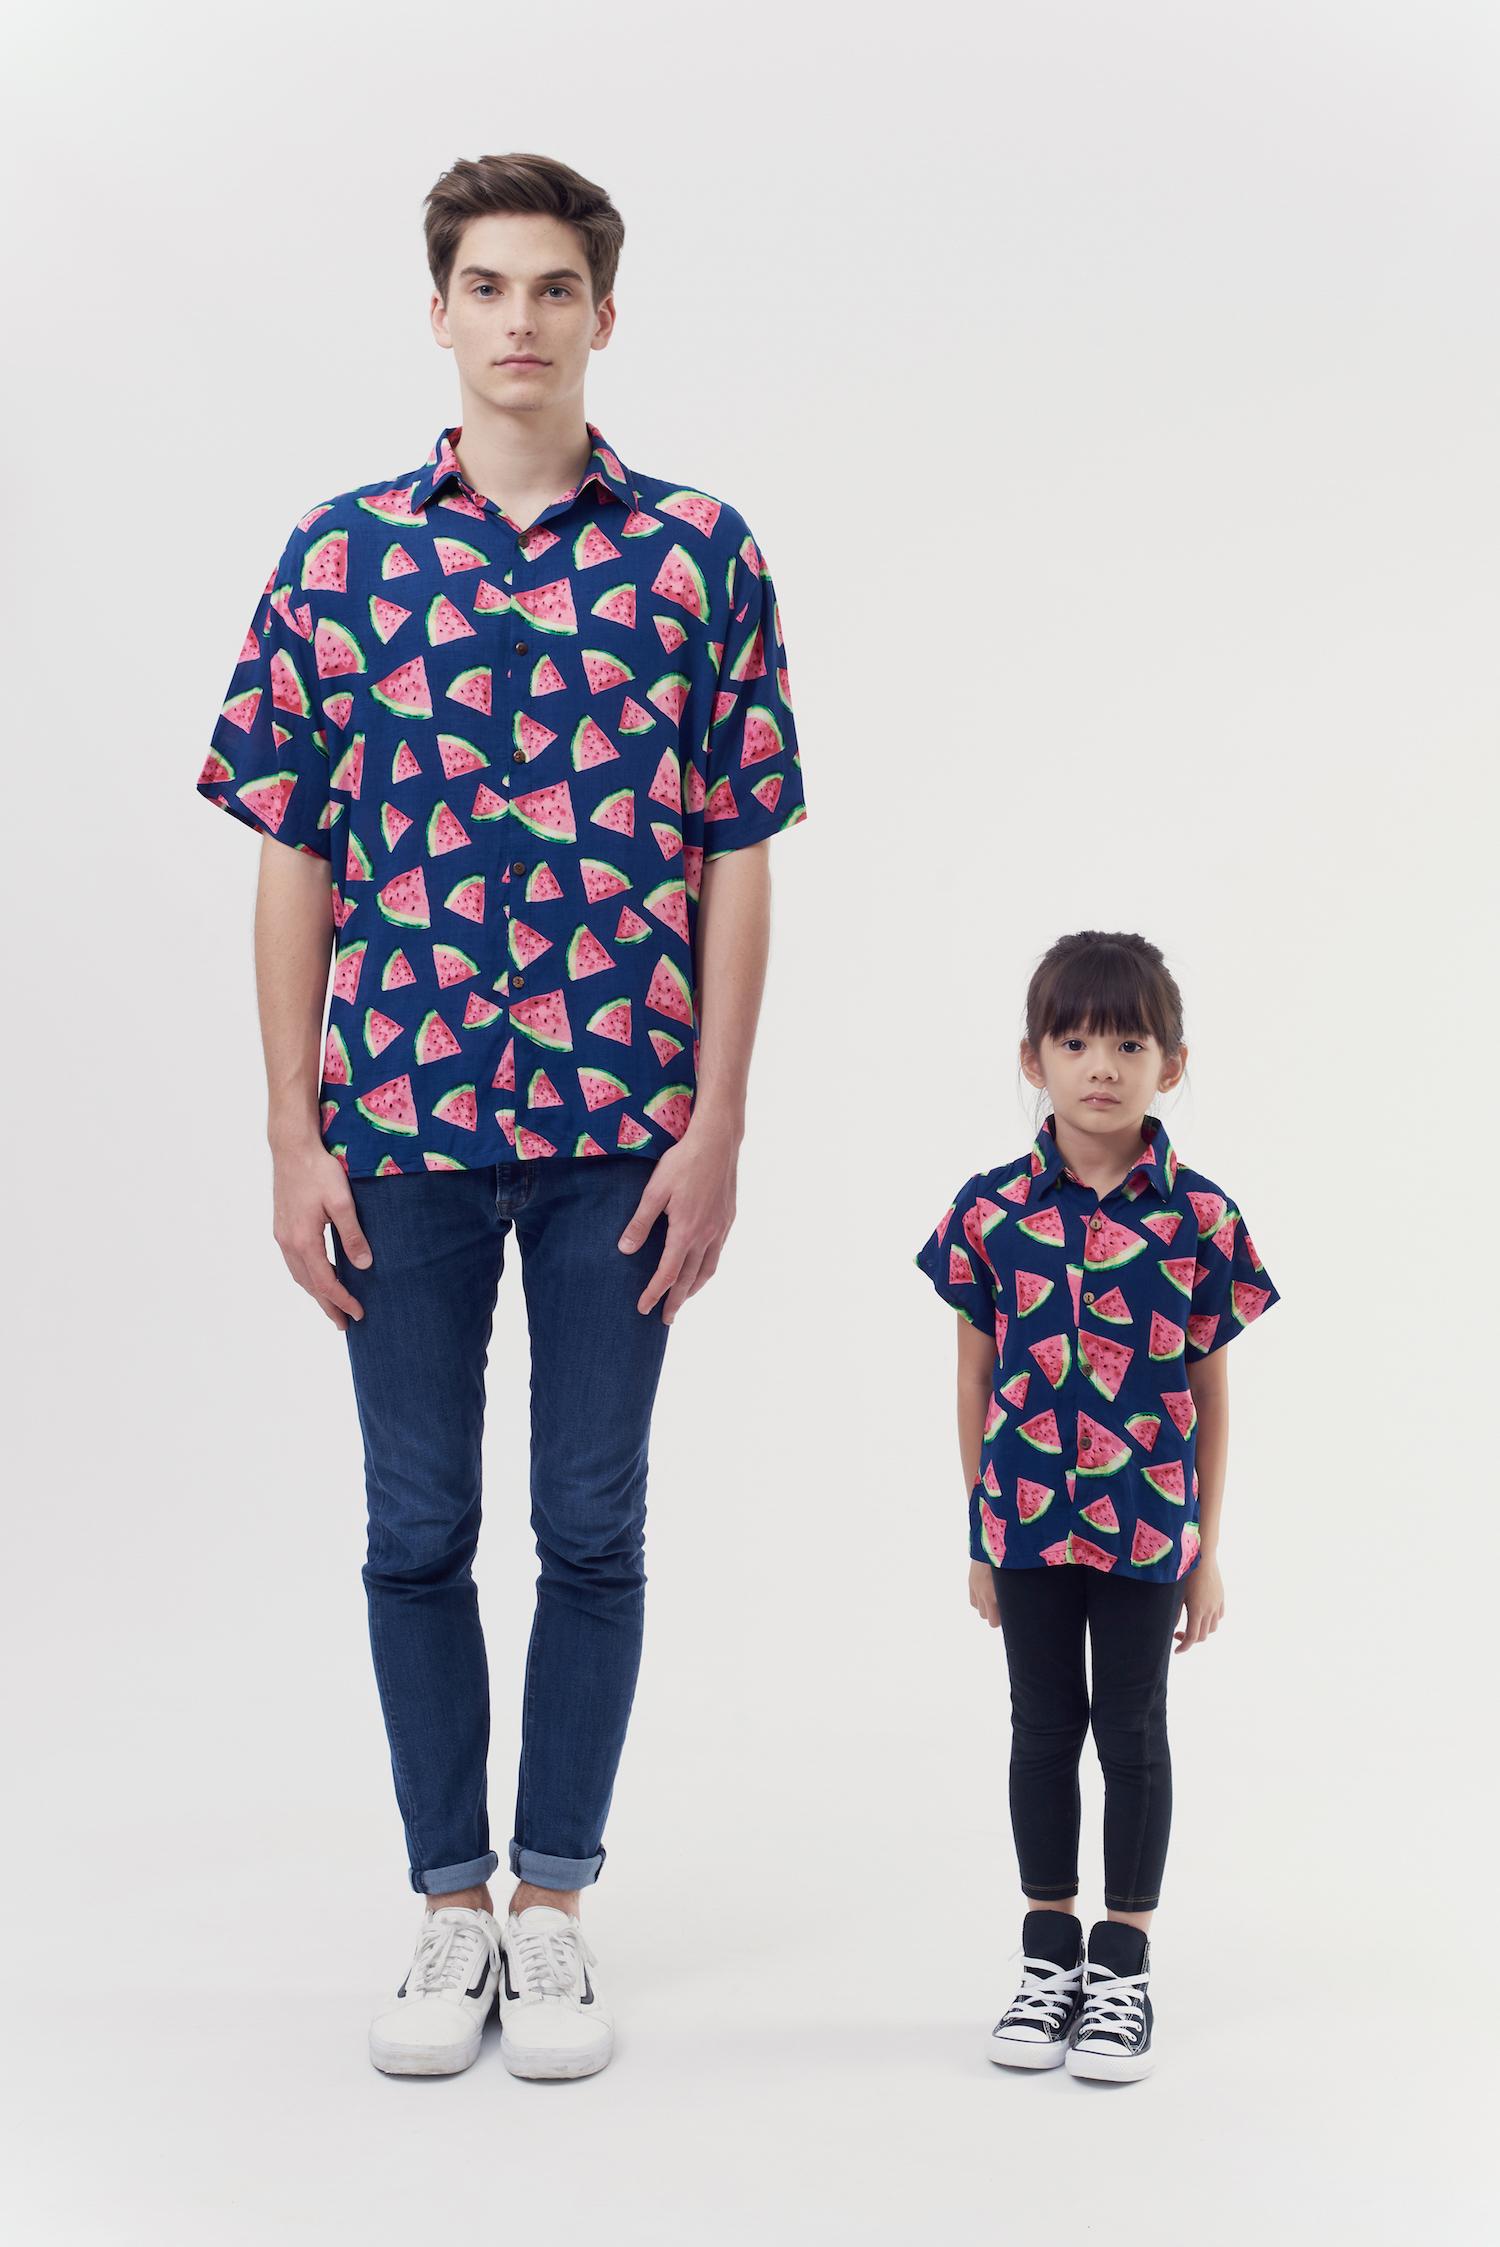 Matching Fruit Shirts